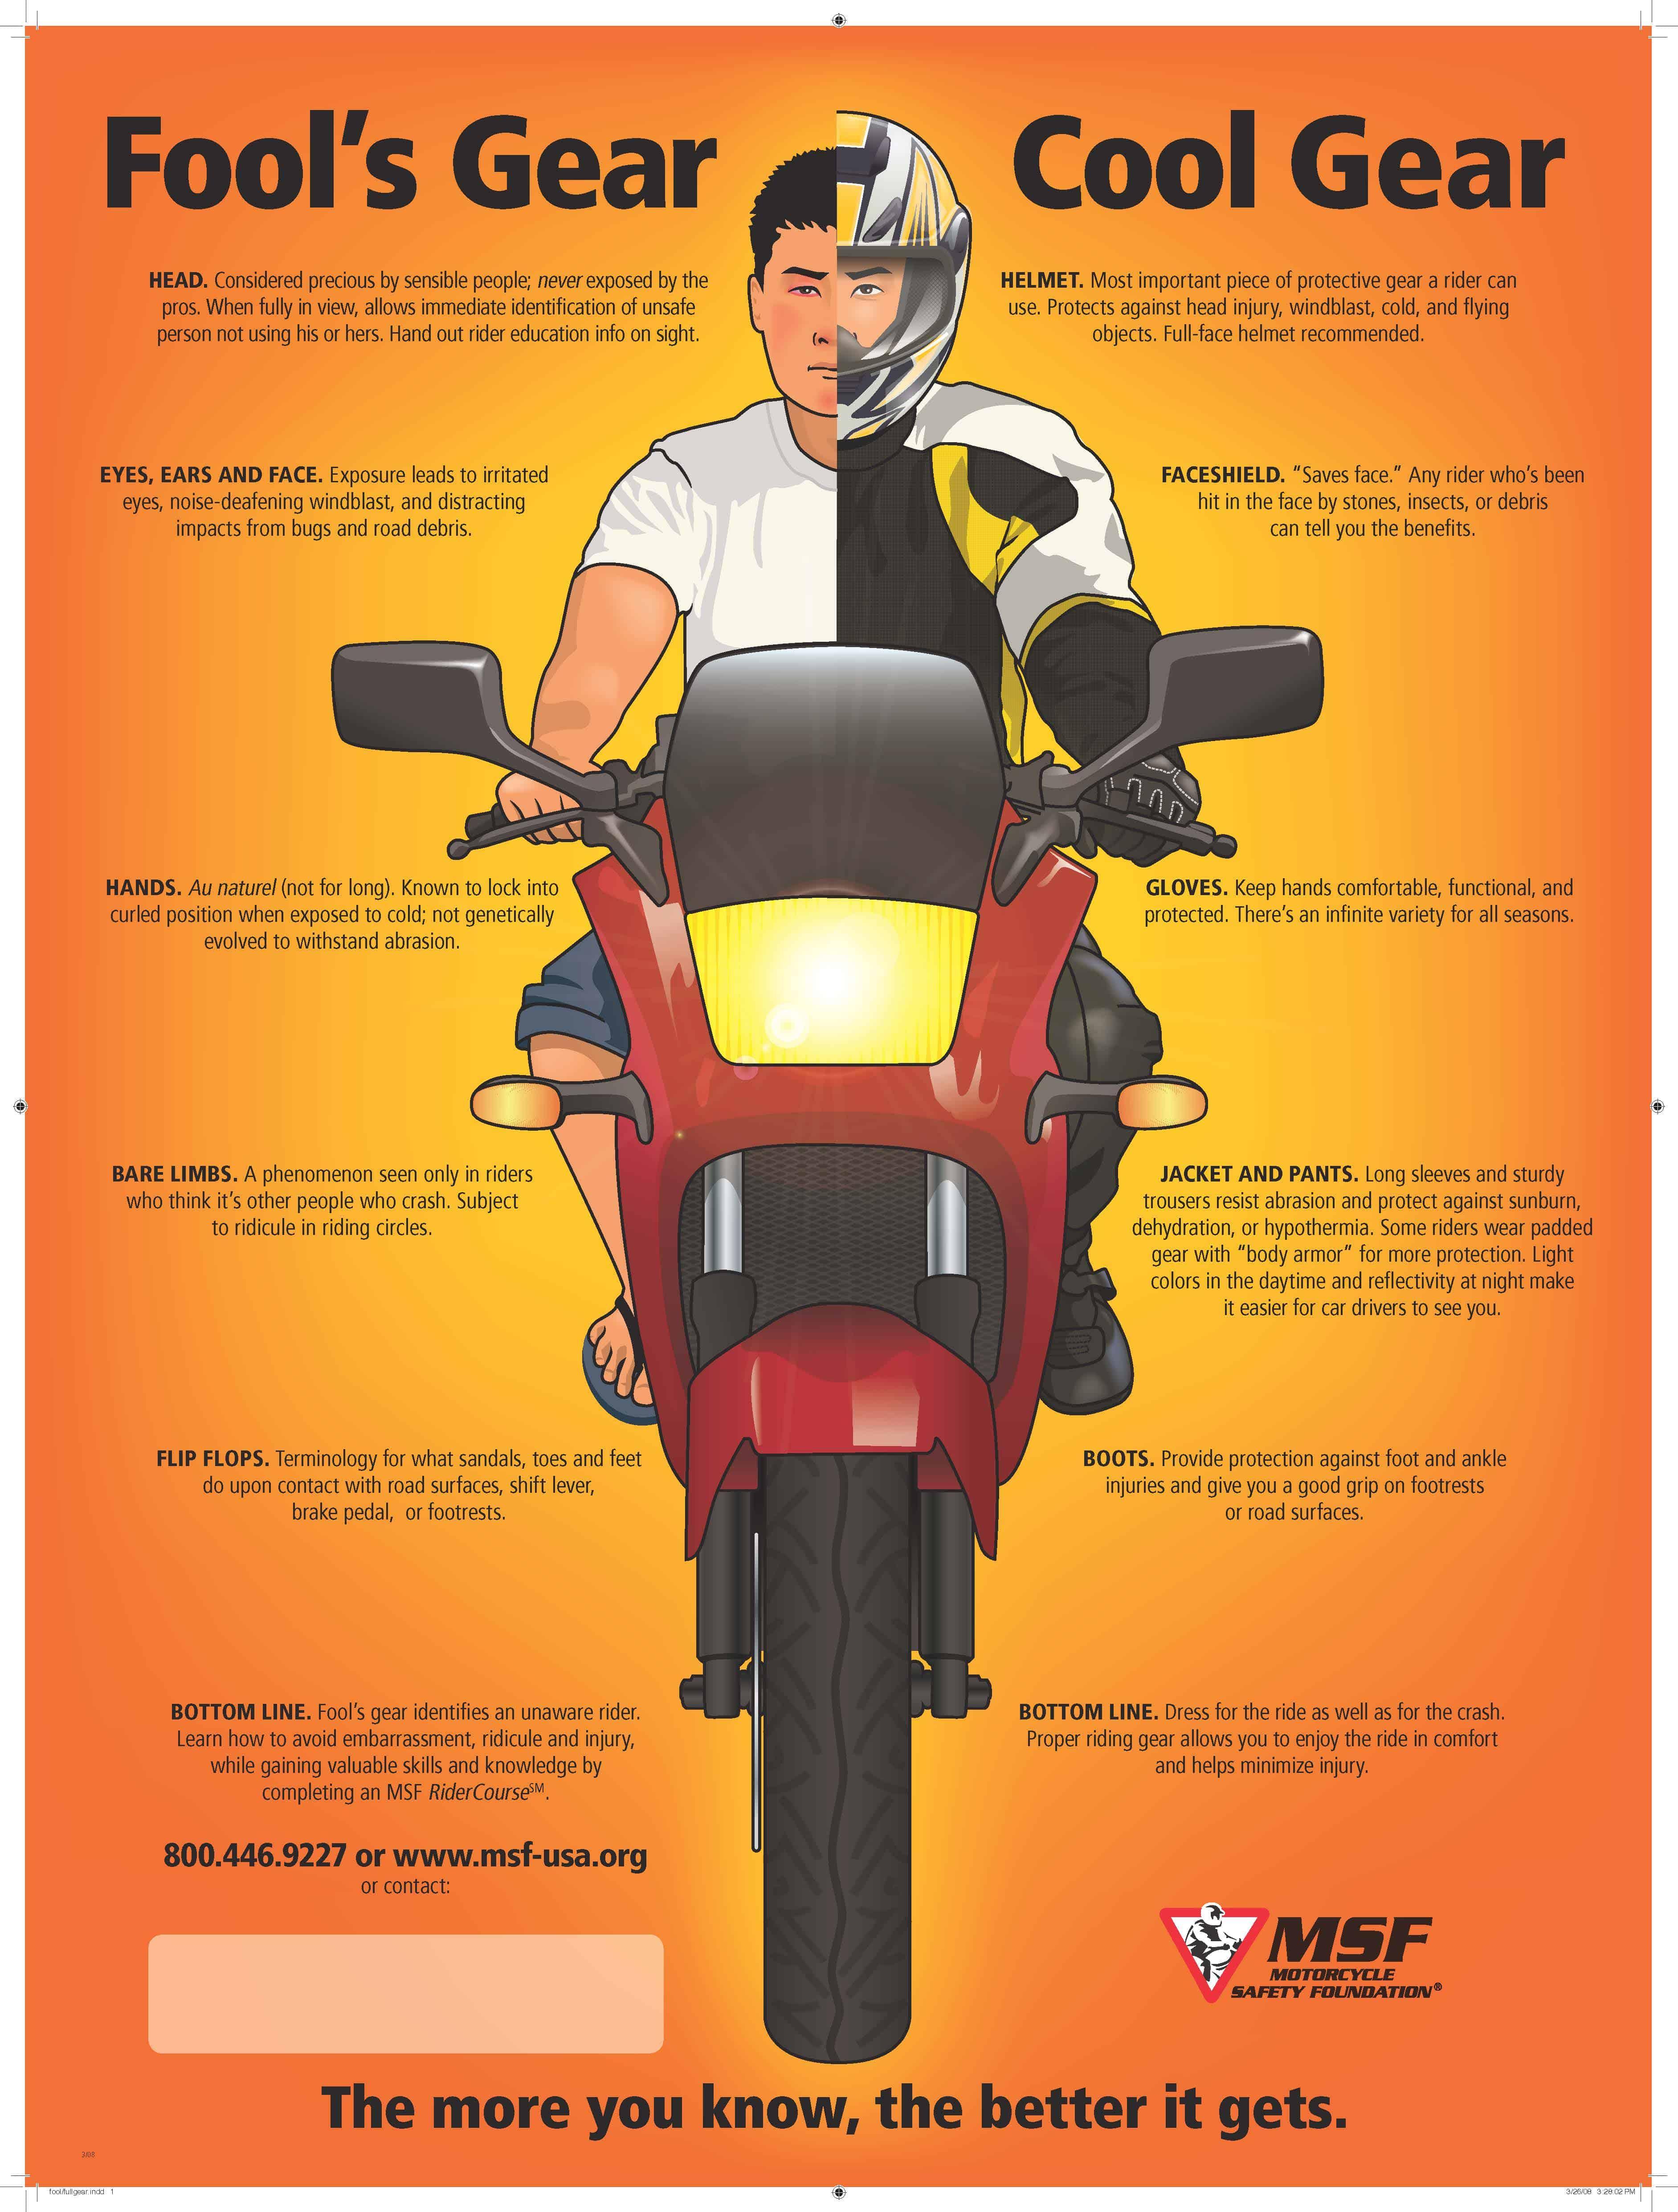 fools-gear-cool-gear-poster